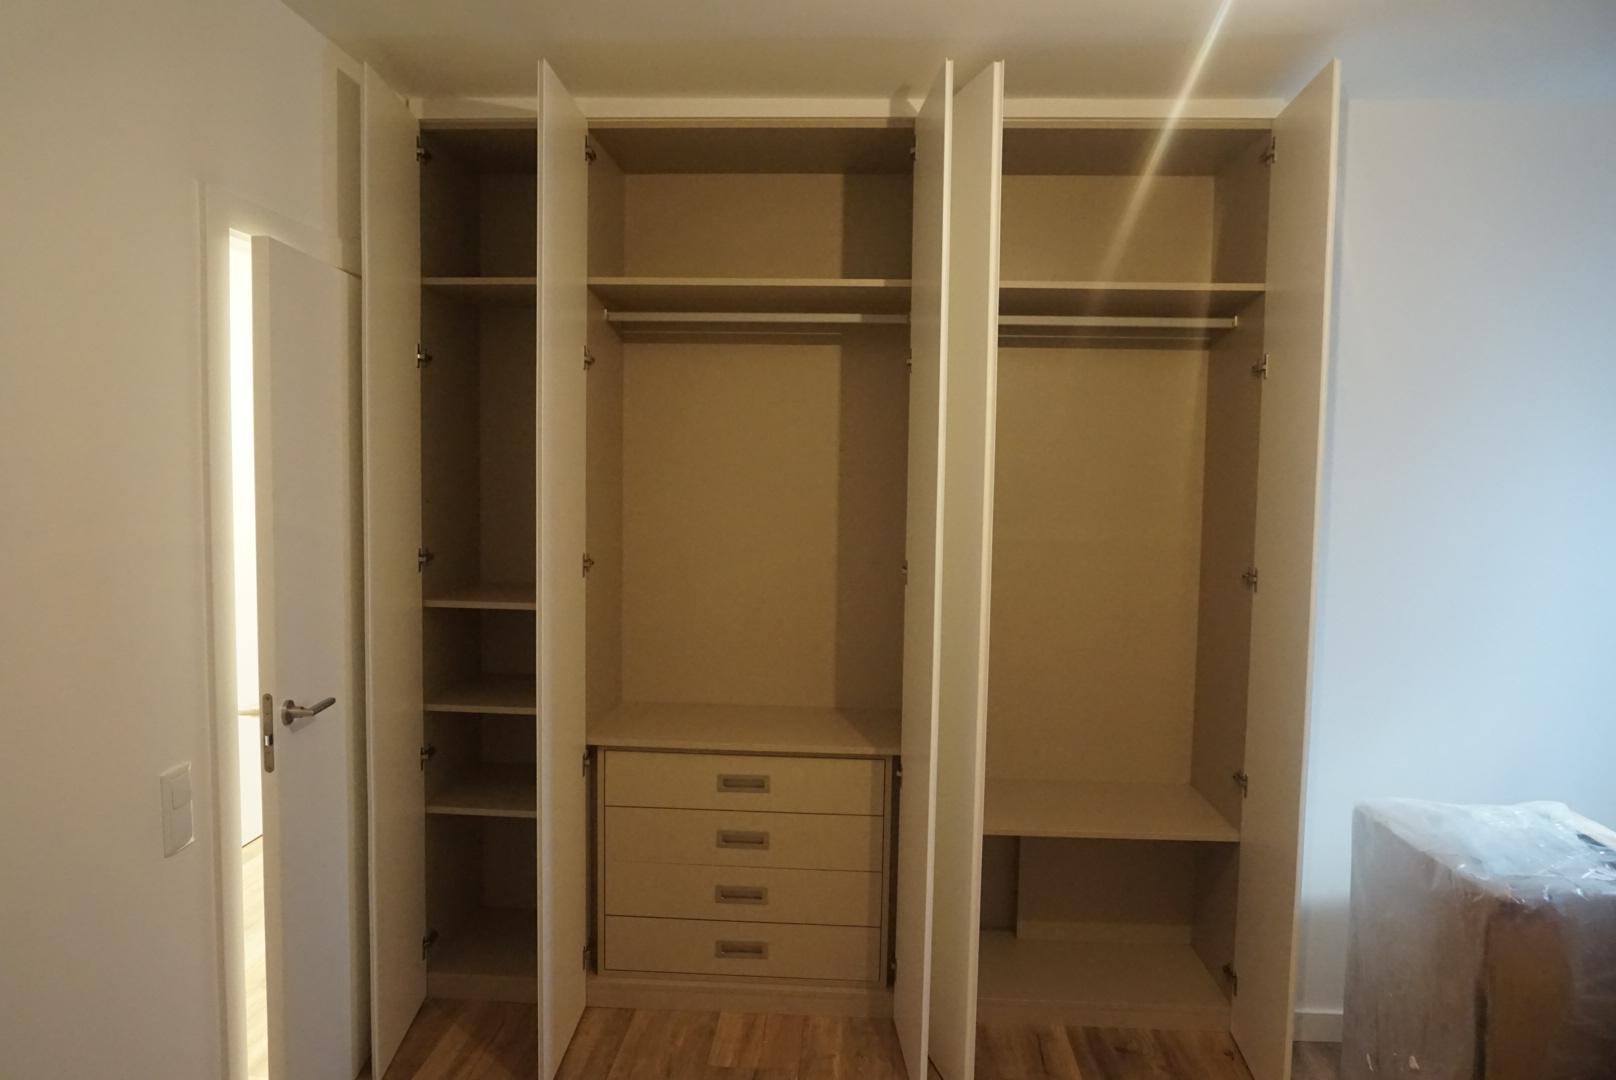 Fotos armarios empotrados modernos cheap great puertas - Fotos armarios empotrados modernos ...